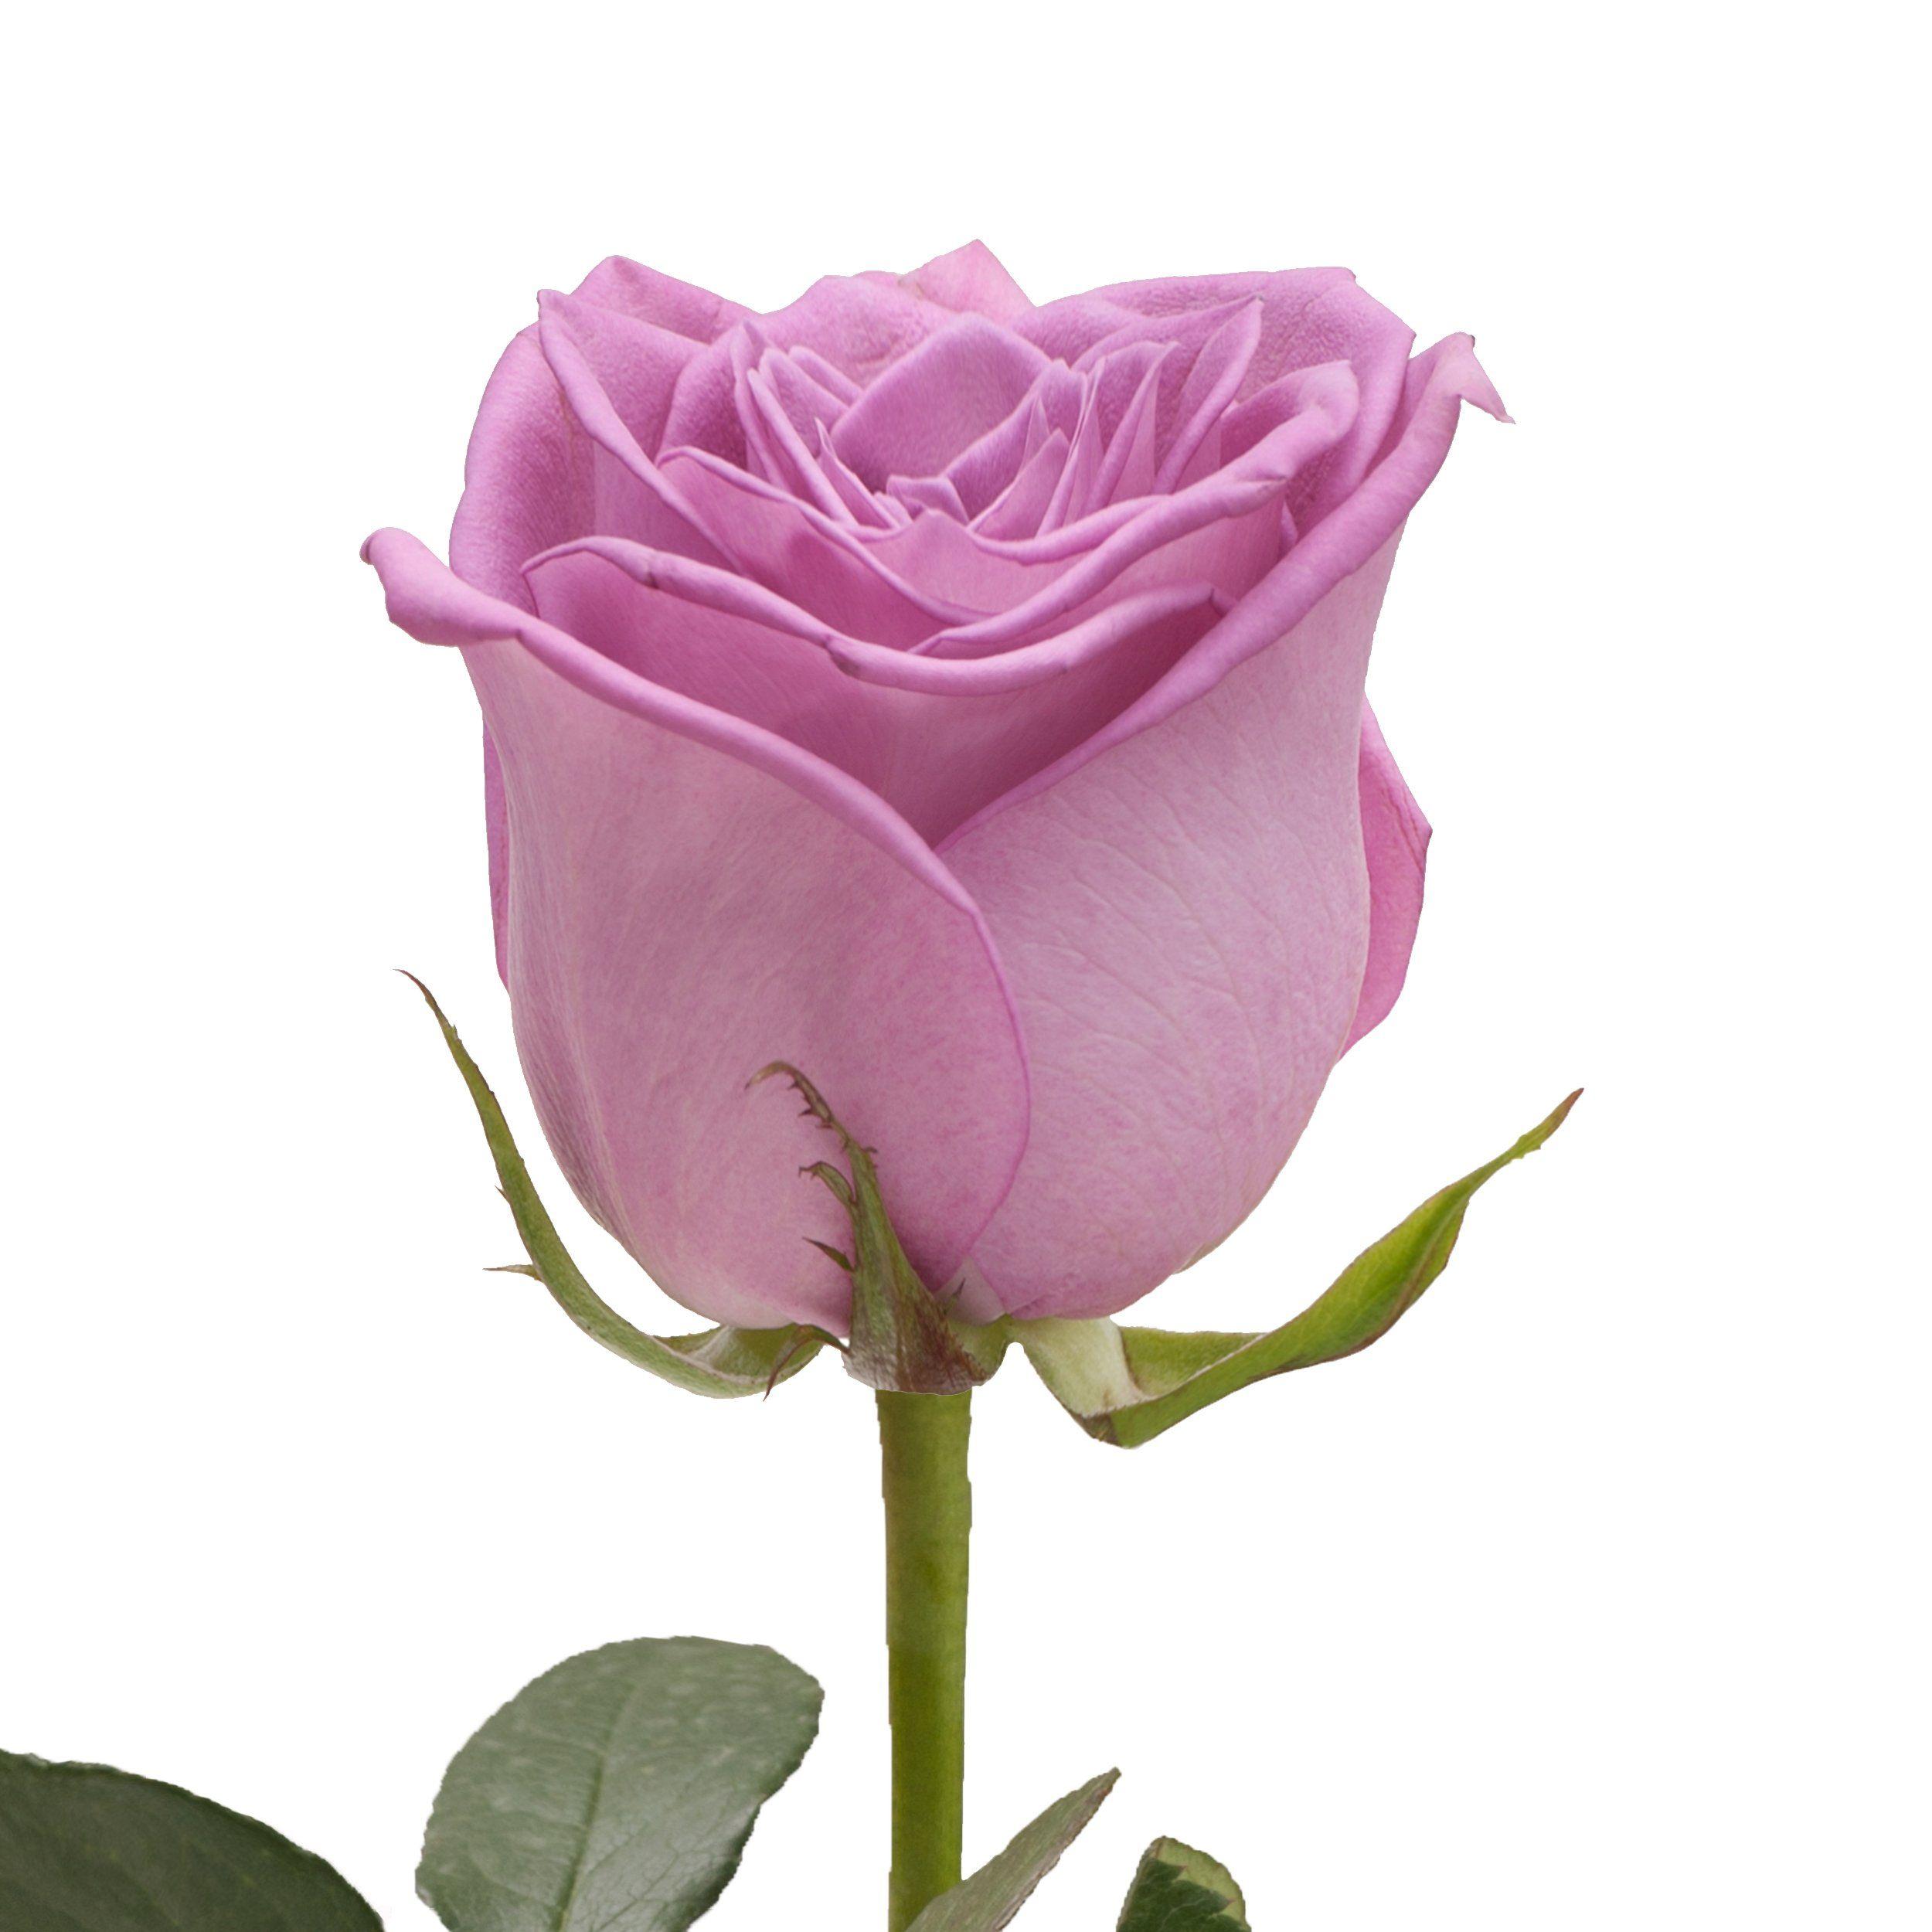 Lavender Premium Roses Premium Wholesale Flowers Free Shipping Lavender Roses Rose Wholesale Flowers